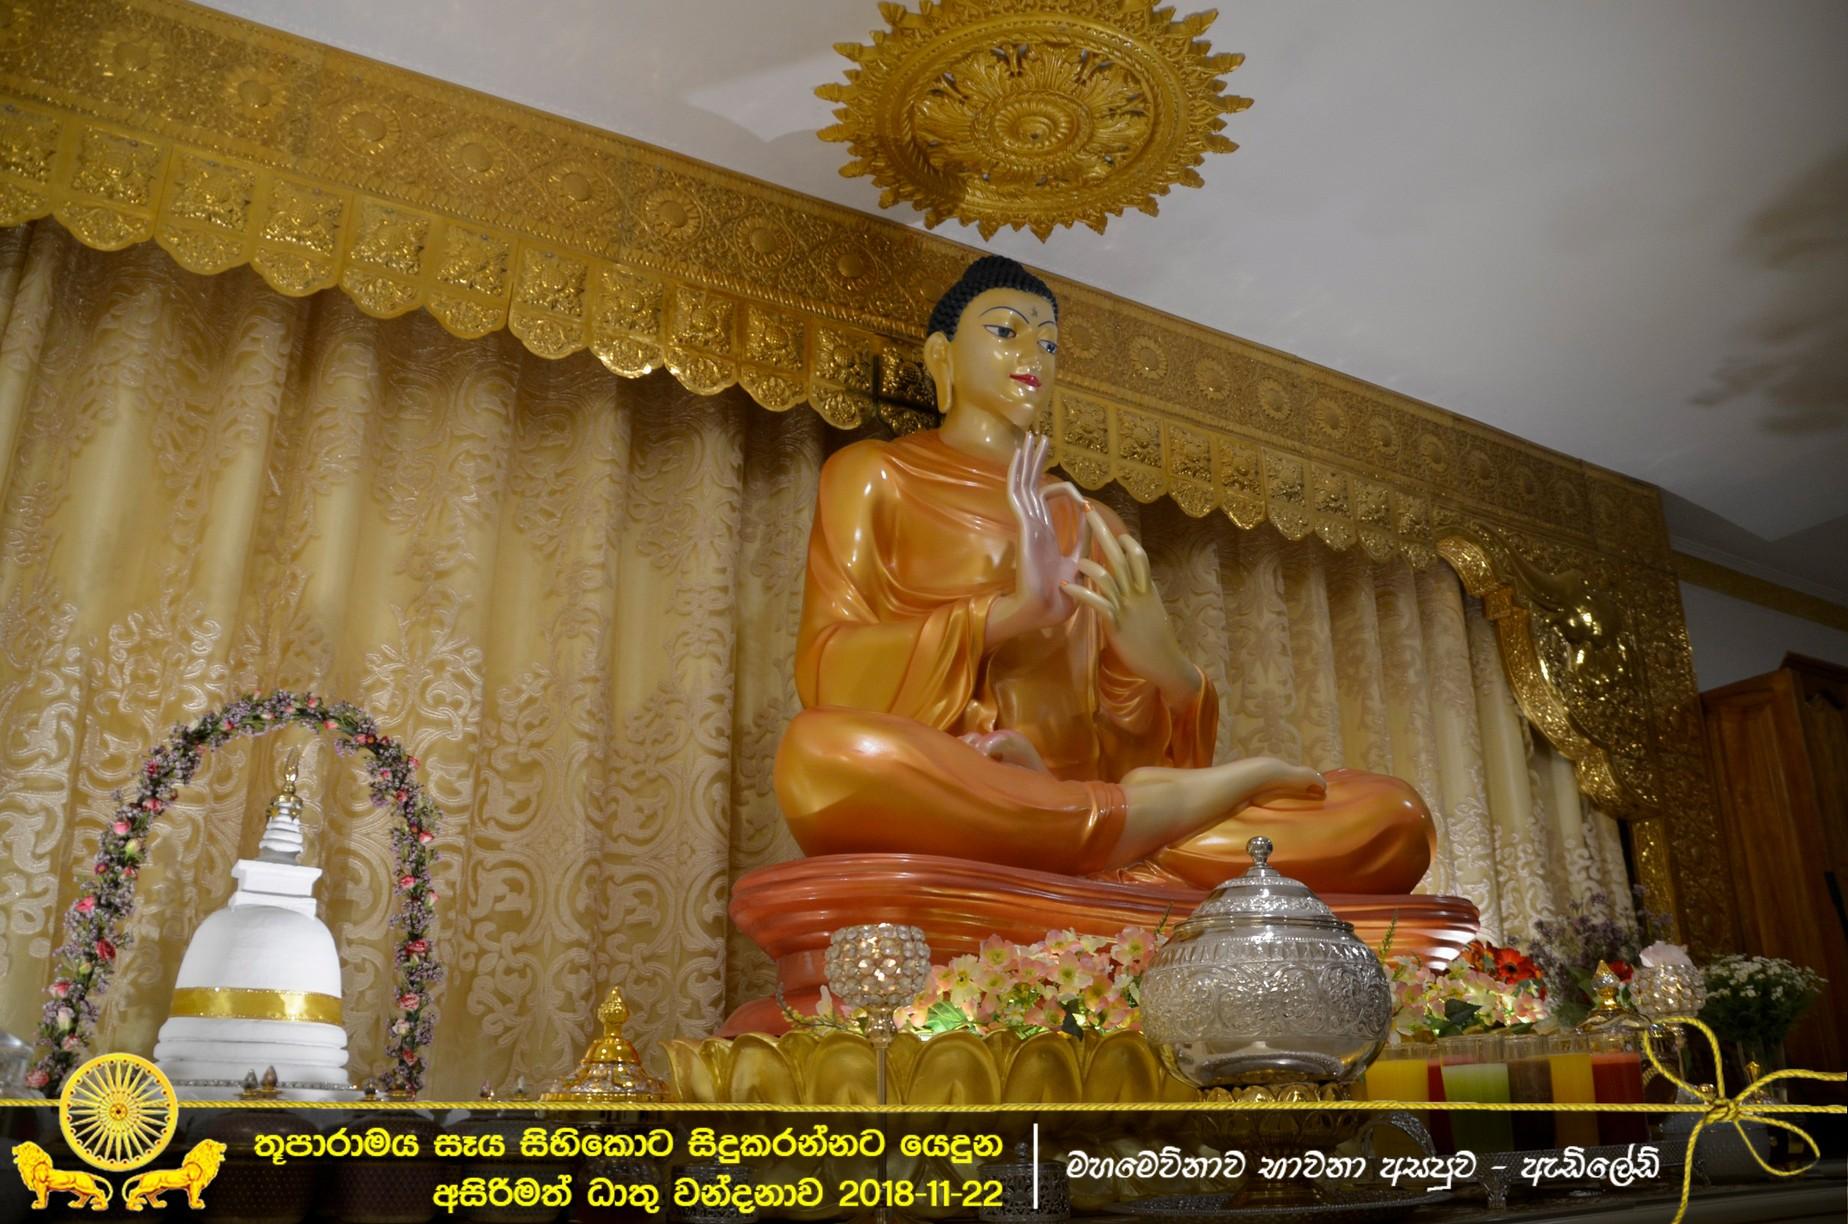 Thuparama064